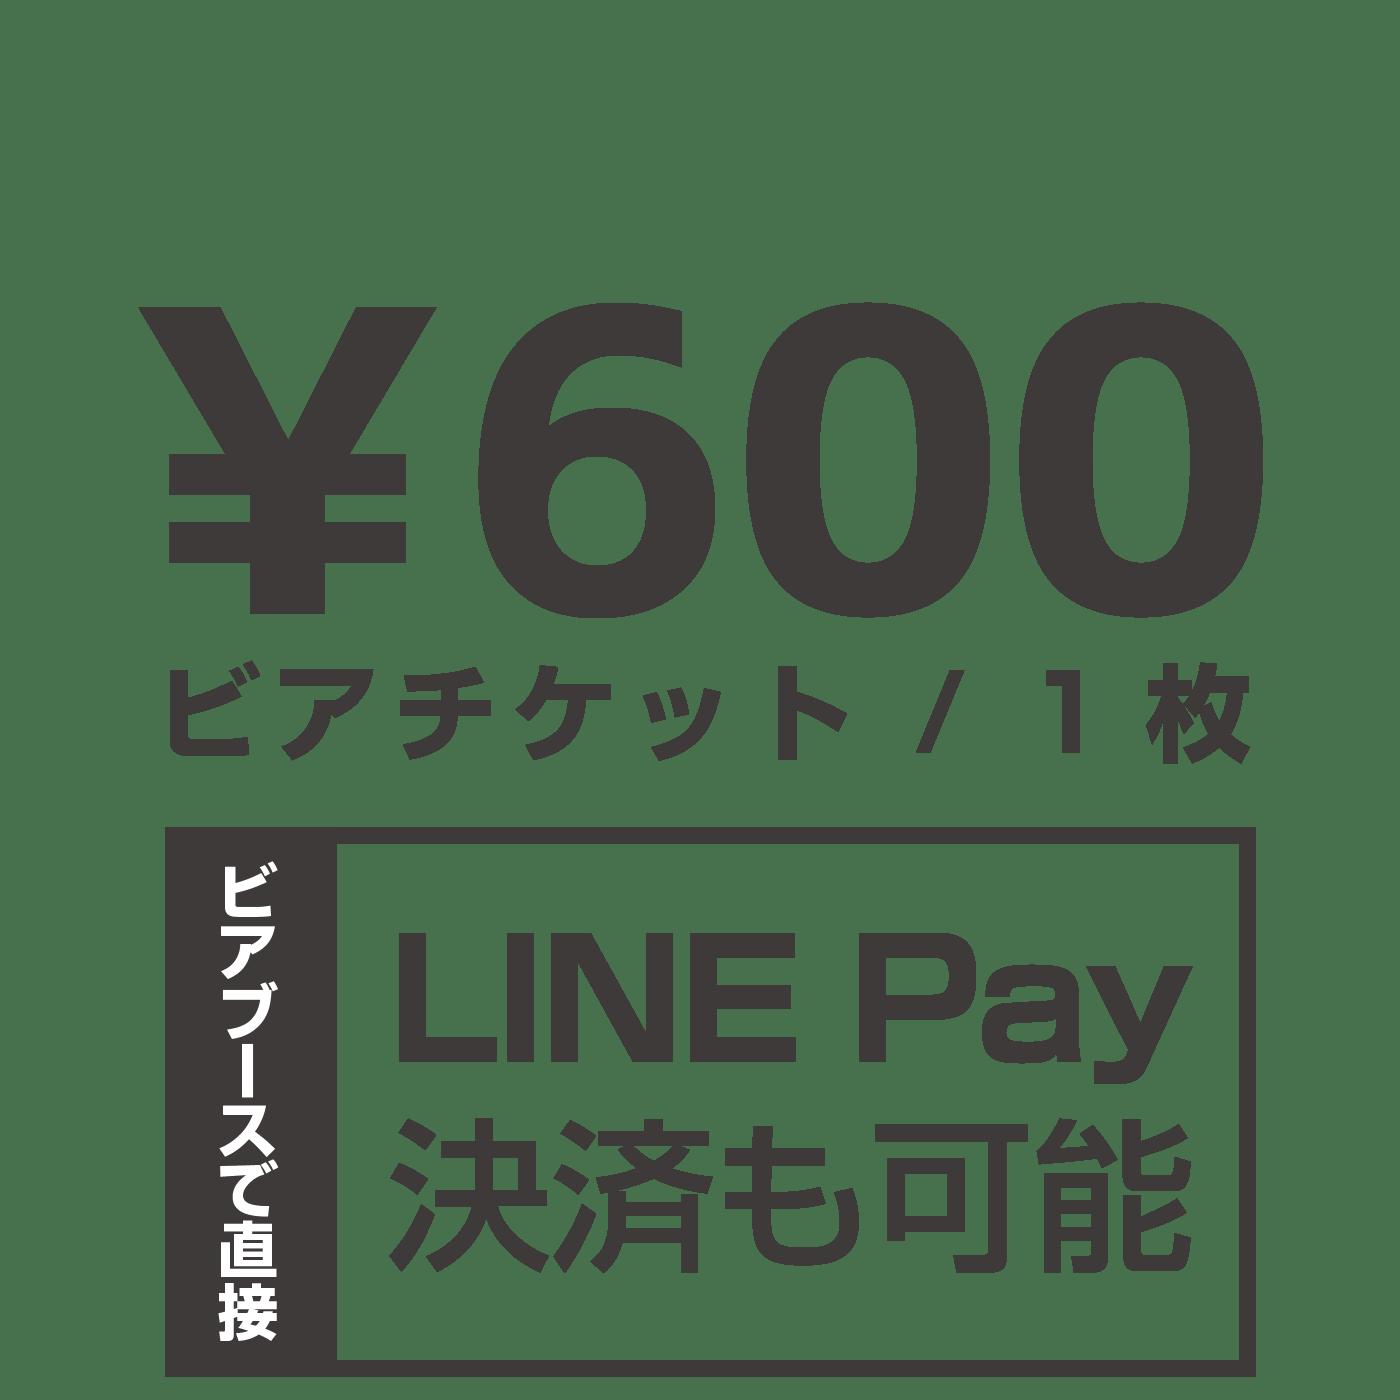 ビアブースで直接LINE Pay決済も可能です。